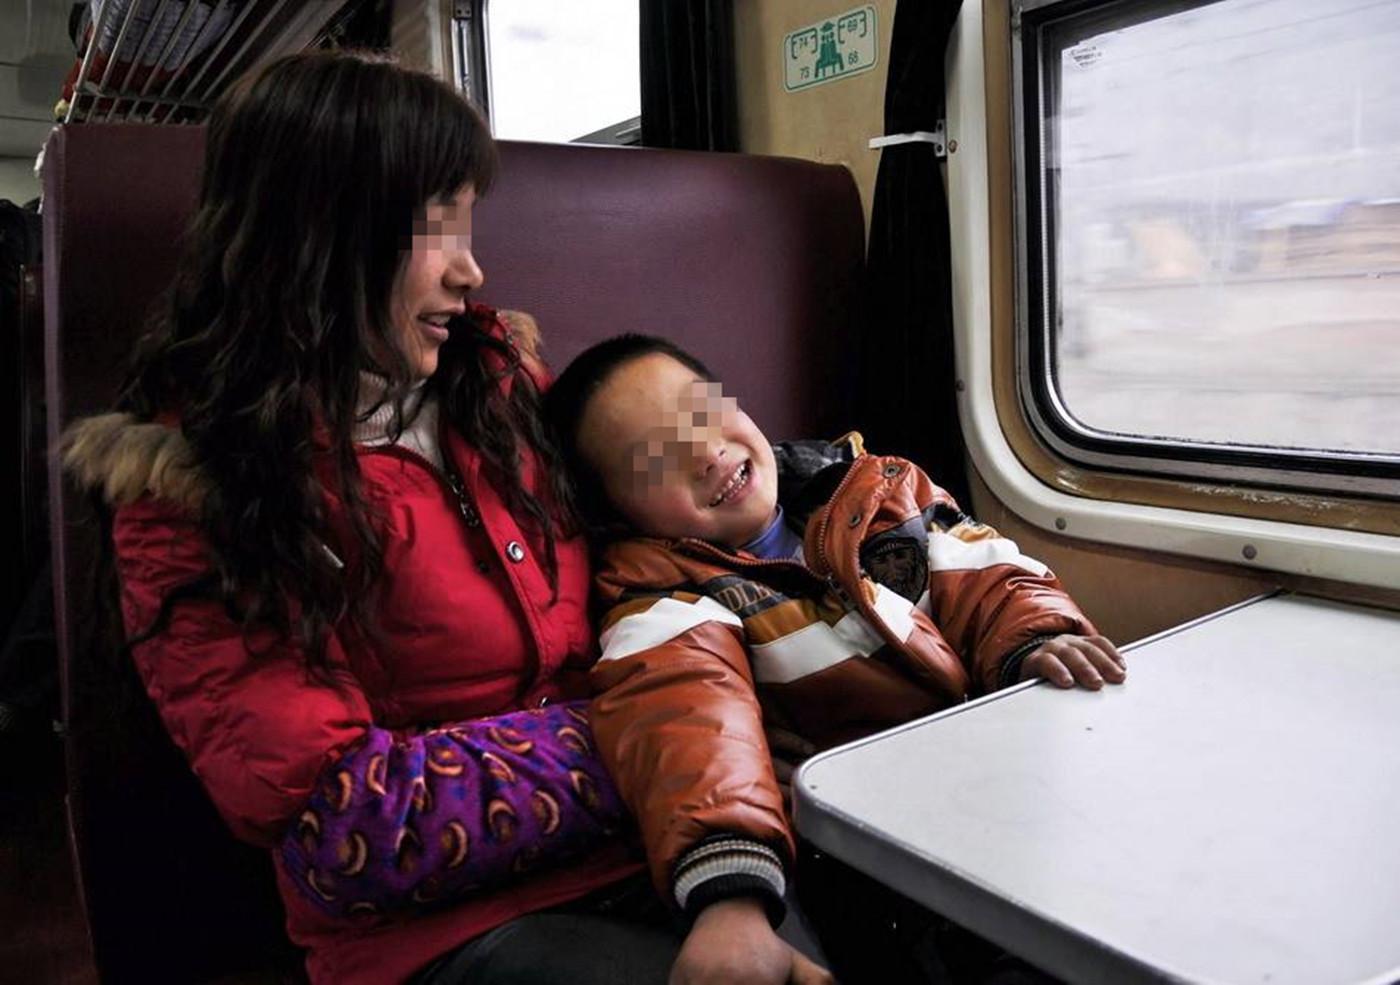 """很久以前和闺蜜坐火车出去旅行,上车前买了周黑鸭的鸭脖,打算车上打发时间,对面上来两位老人带着一个大概5岁左右的小男孩,当他看见鸭脖时,立马眼睛放光,还没等我们有反应,孩子的奶奶便说:""""你问问阿姨给不给你吃?""""我和闺蜜还没遇见过这么直接的家长,正在愣神时,不"""